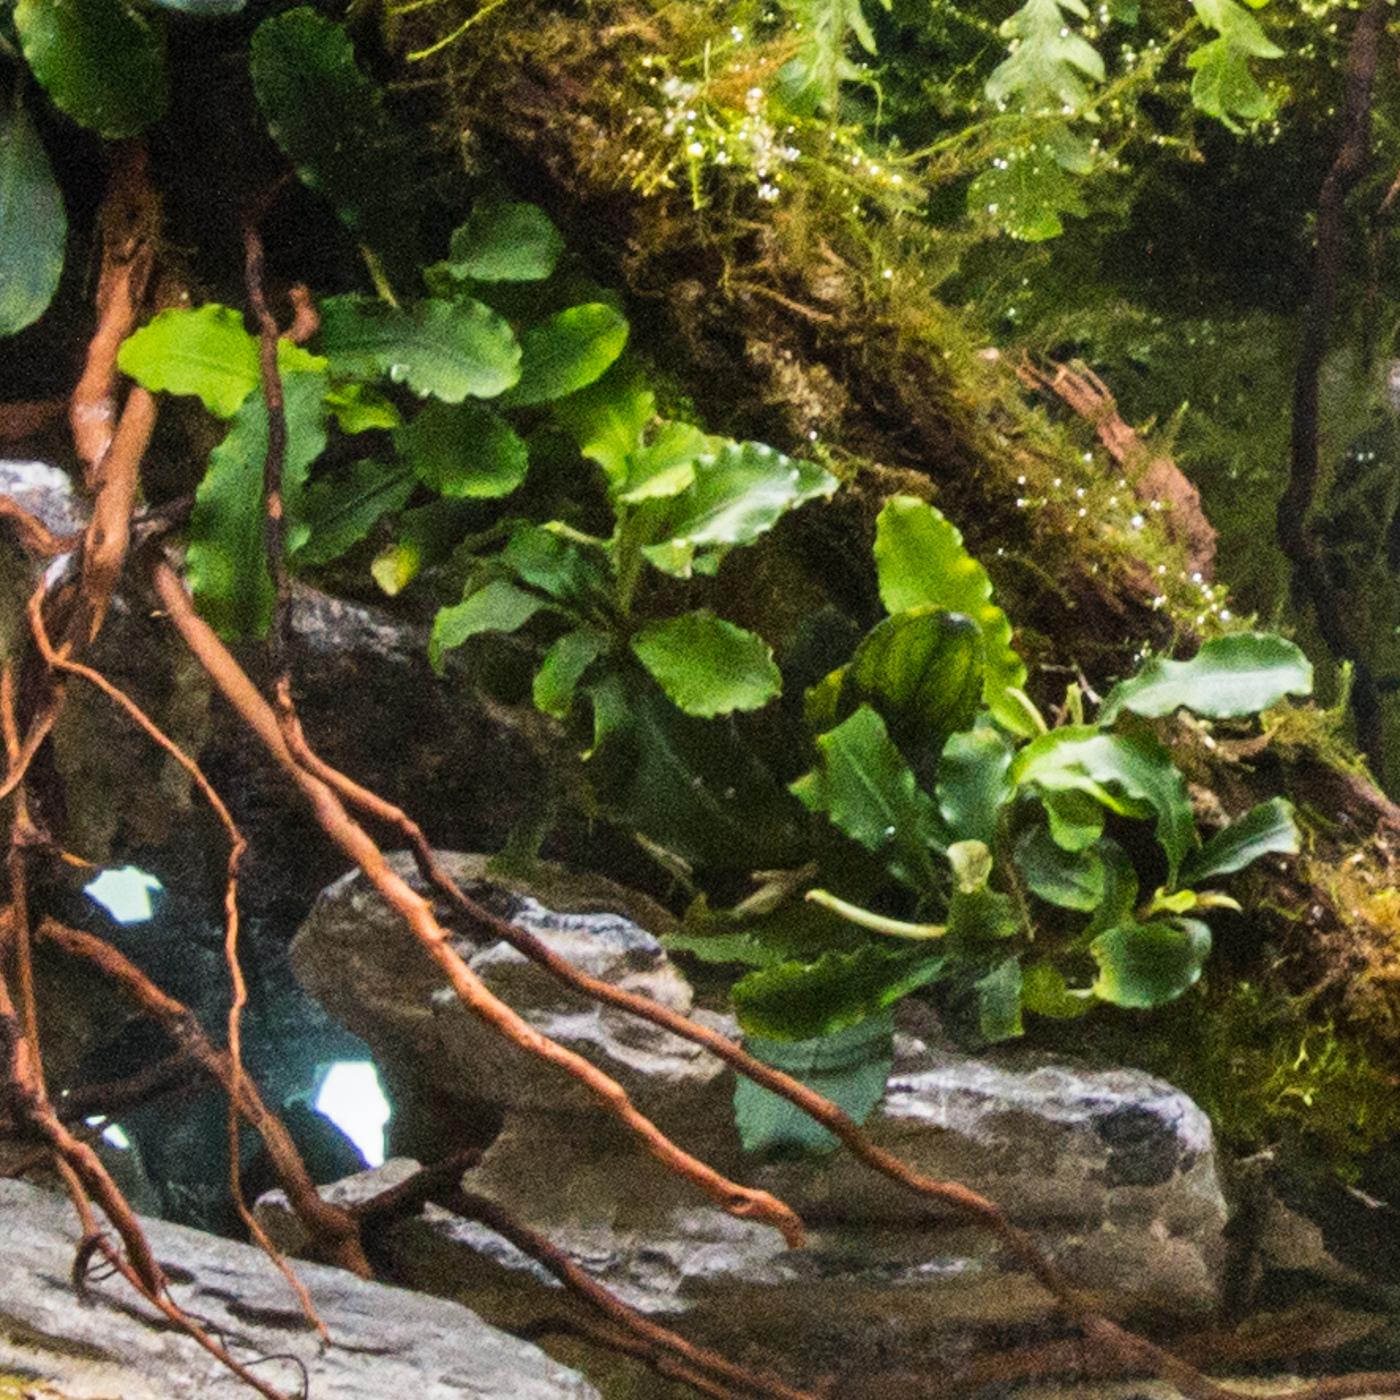 Bucephalandra'Green Wavy' -